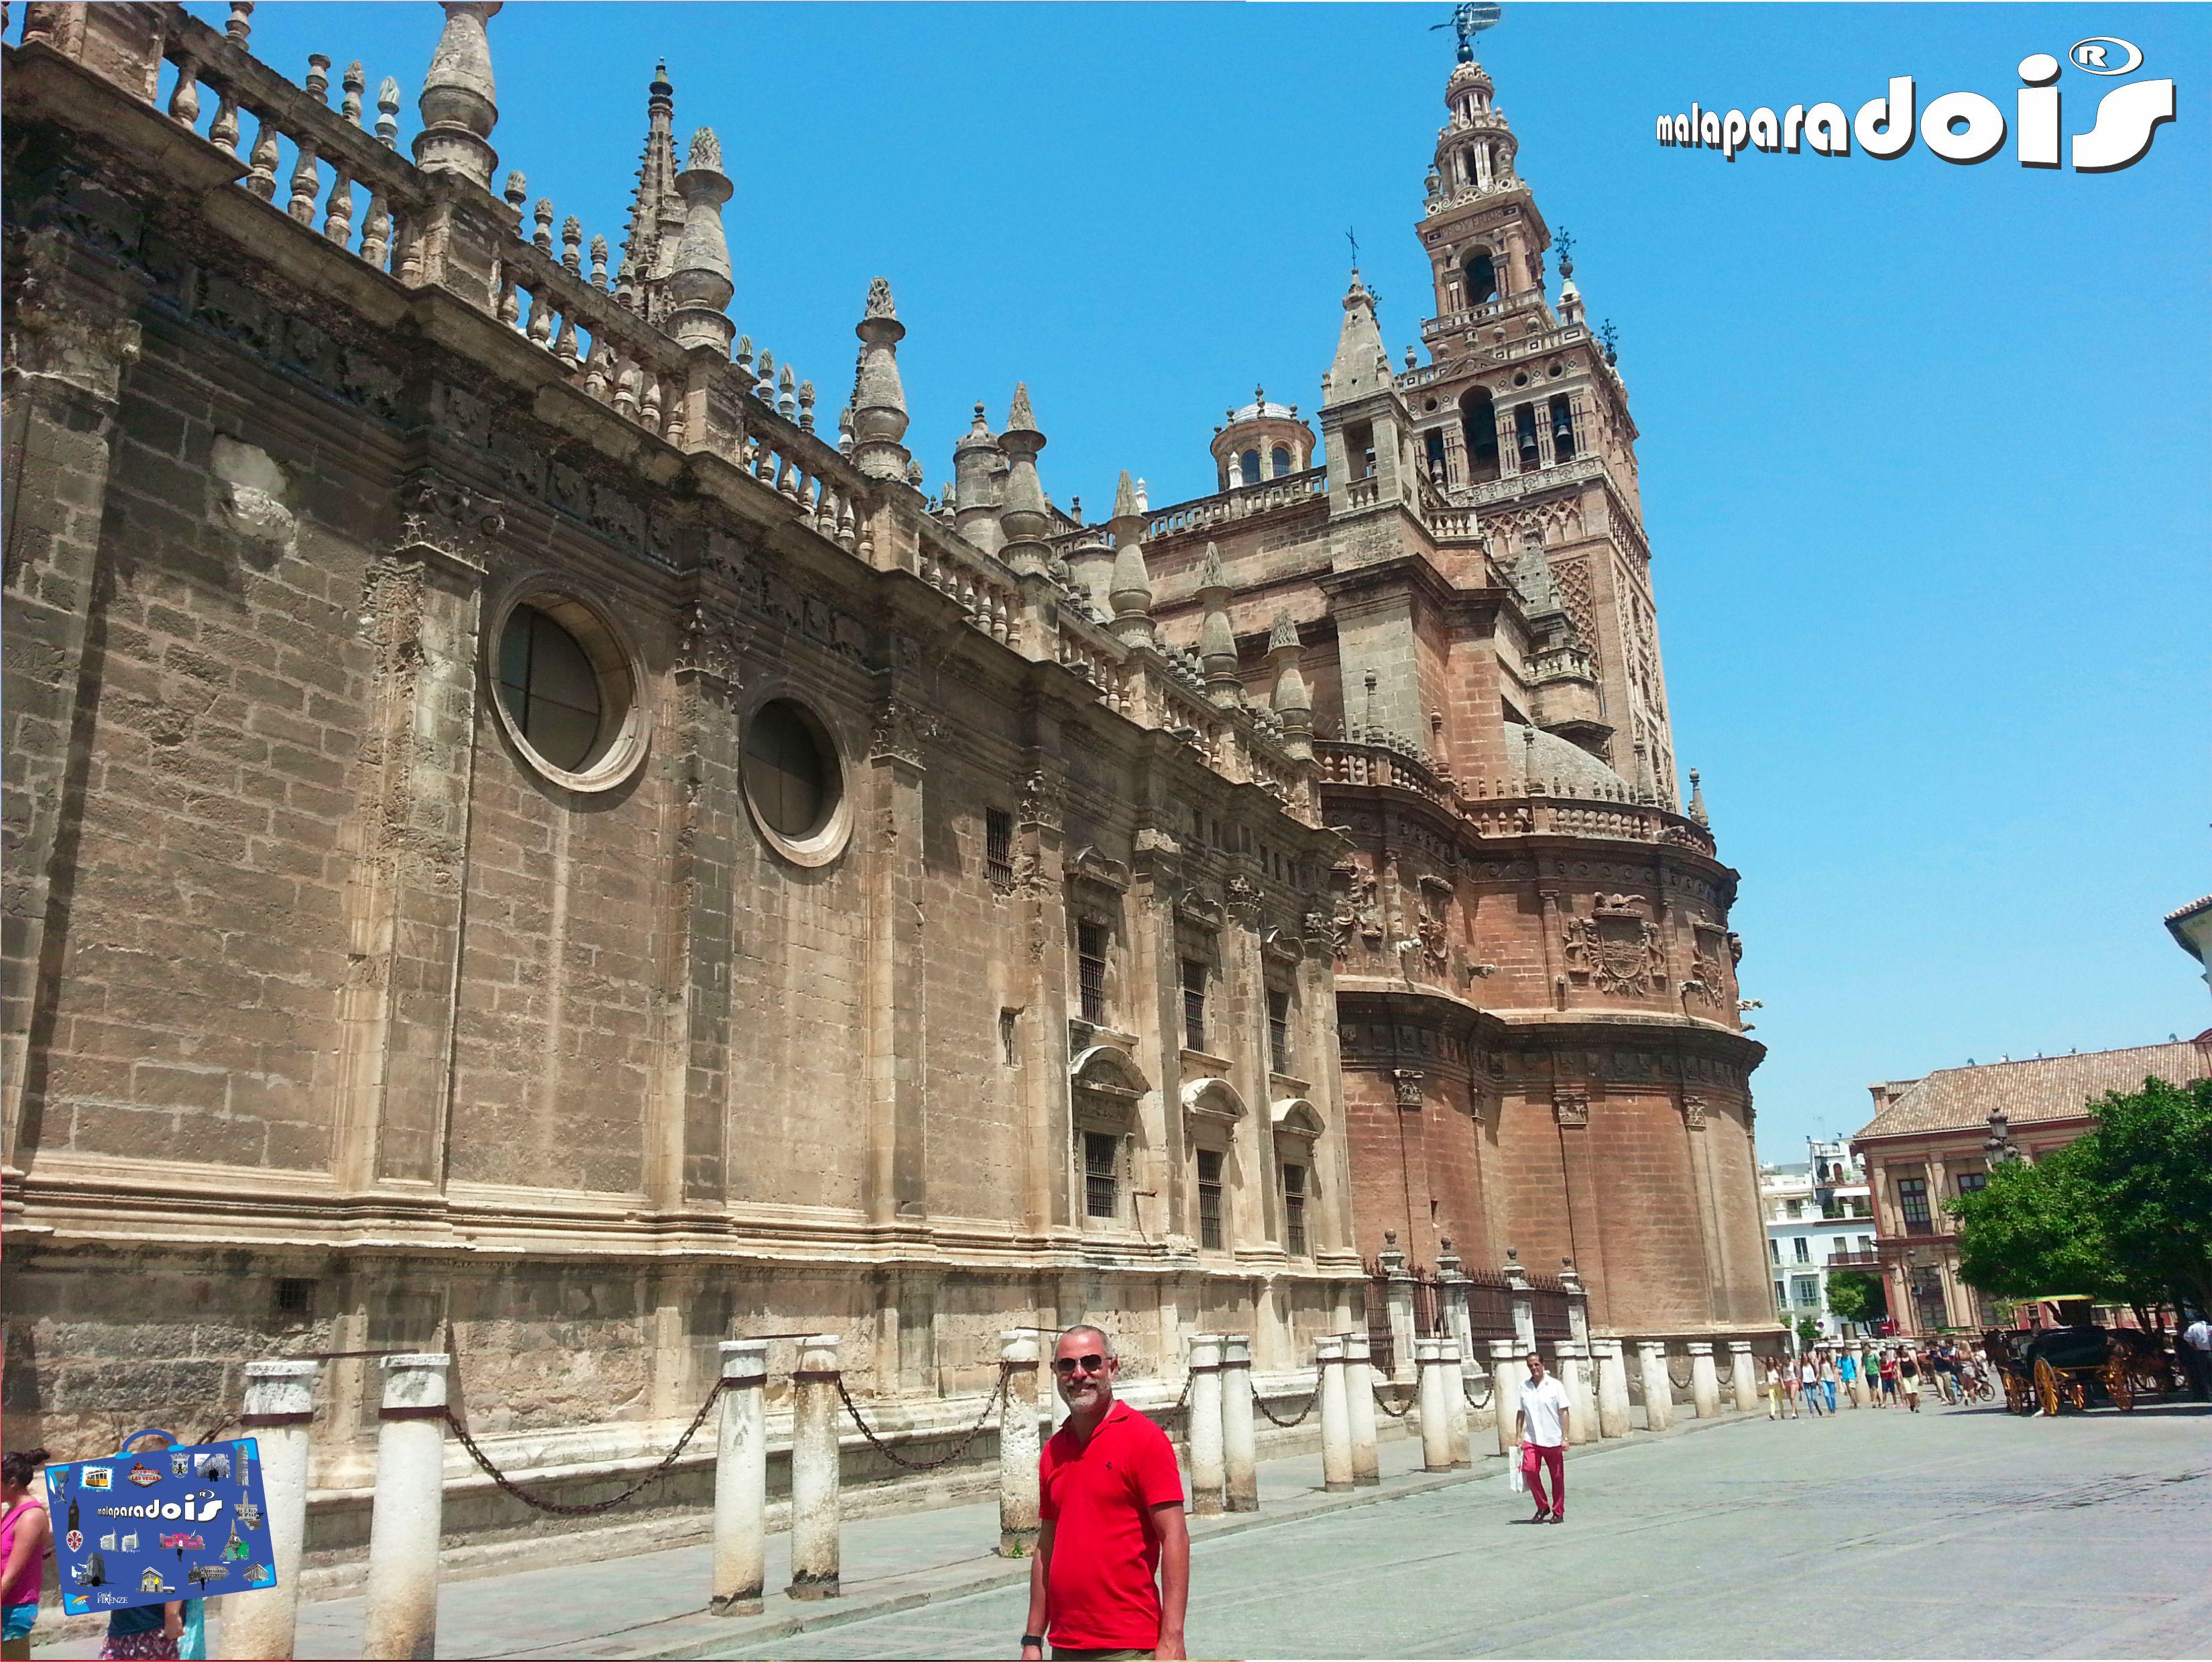 La Giralda, A Catedral de Sevilha